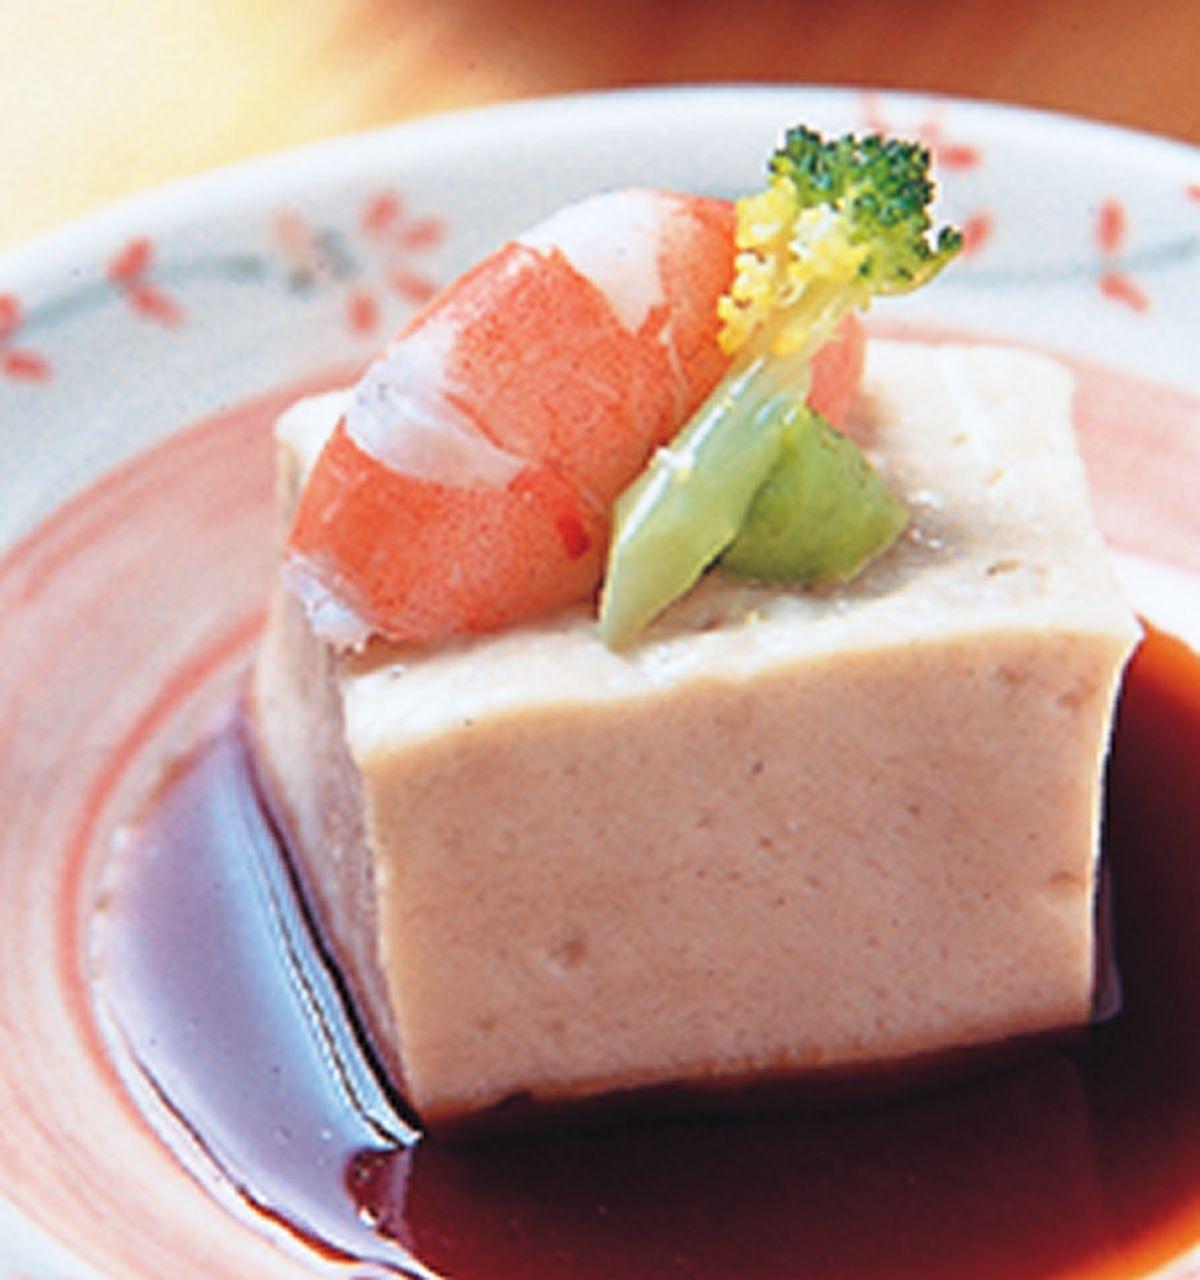 食譜:汁淋胡麻芥末豆腐